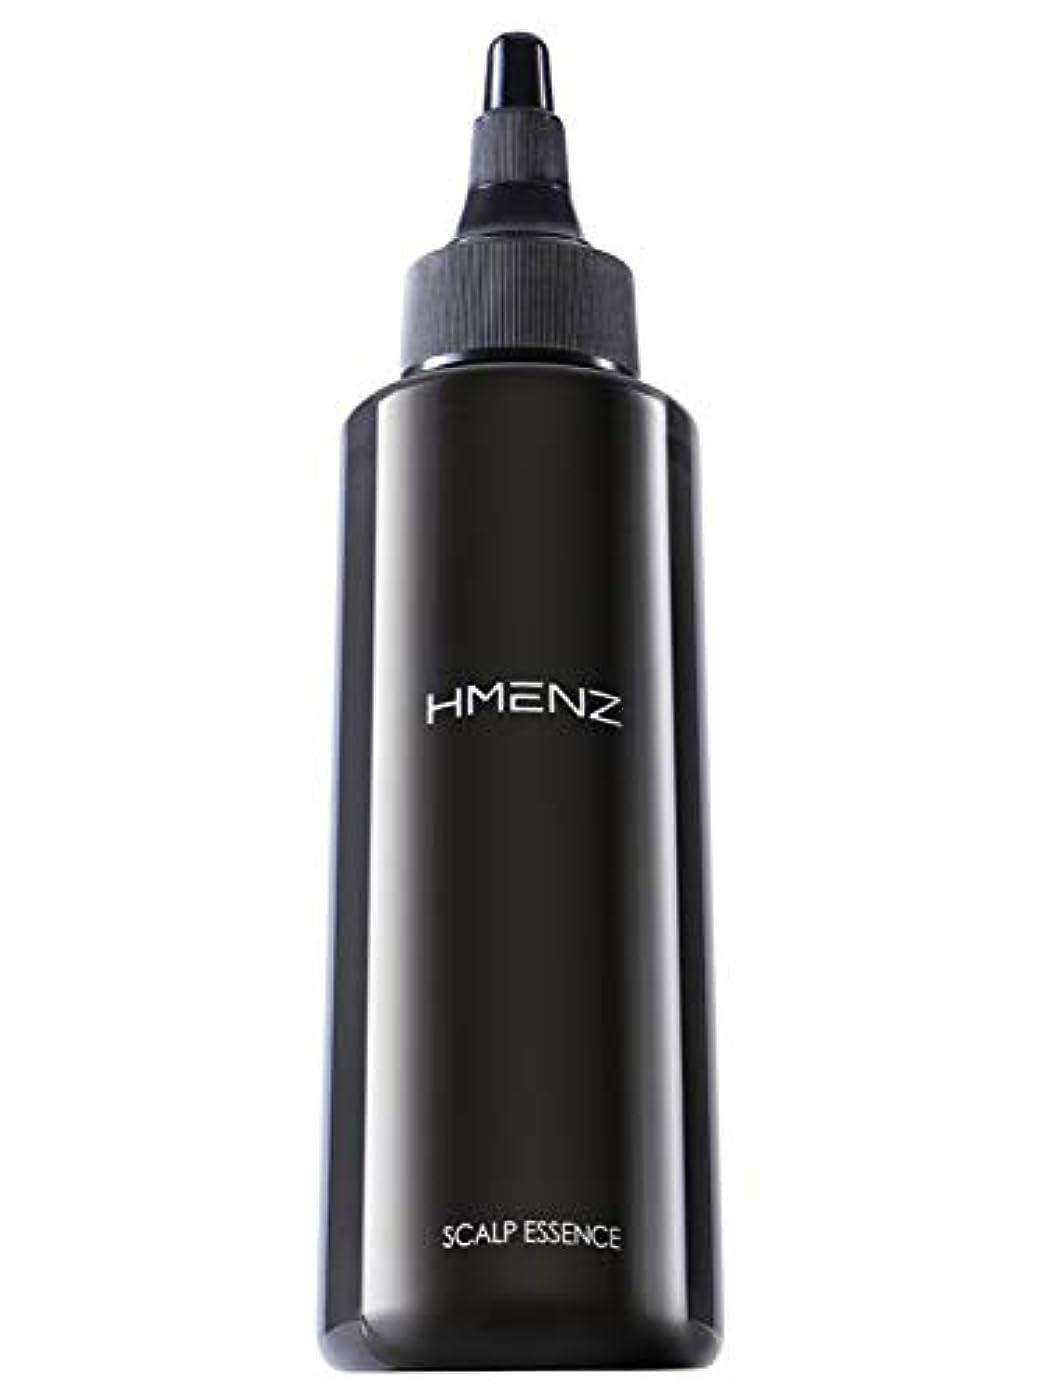 内なる早熟祭司医薬部外品 HMENZ メンズ 育毛剤 スカルプエッセンス 毛髪エイジングケアシリーズ 和漢根 海藻配合 育毛トニック 120ml